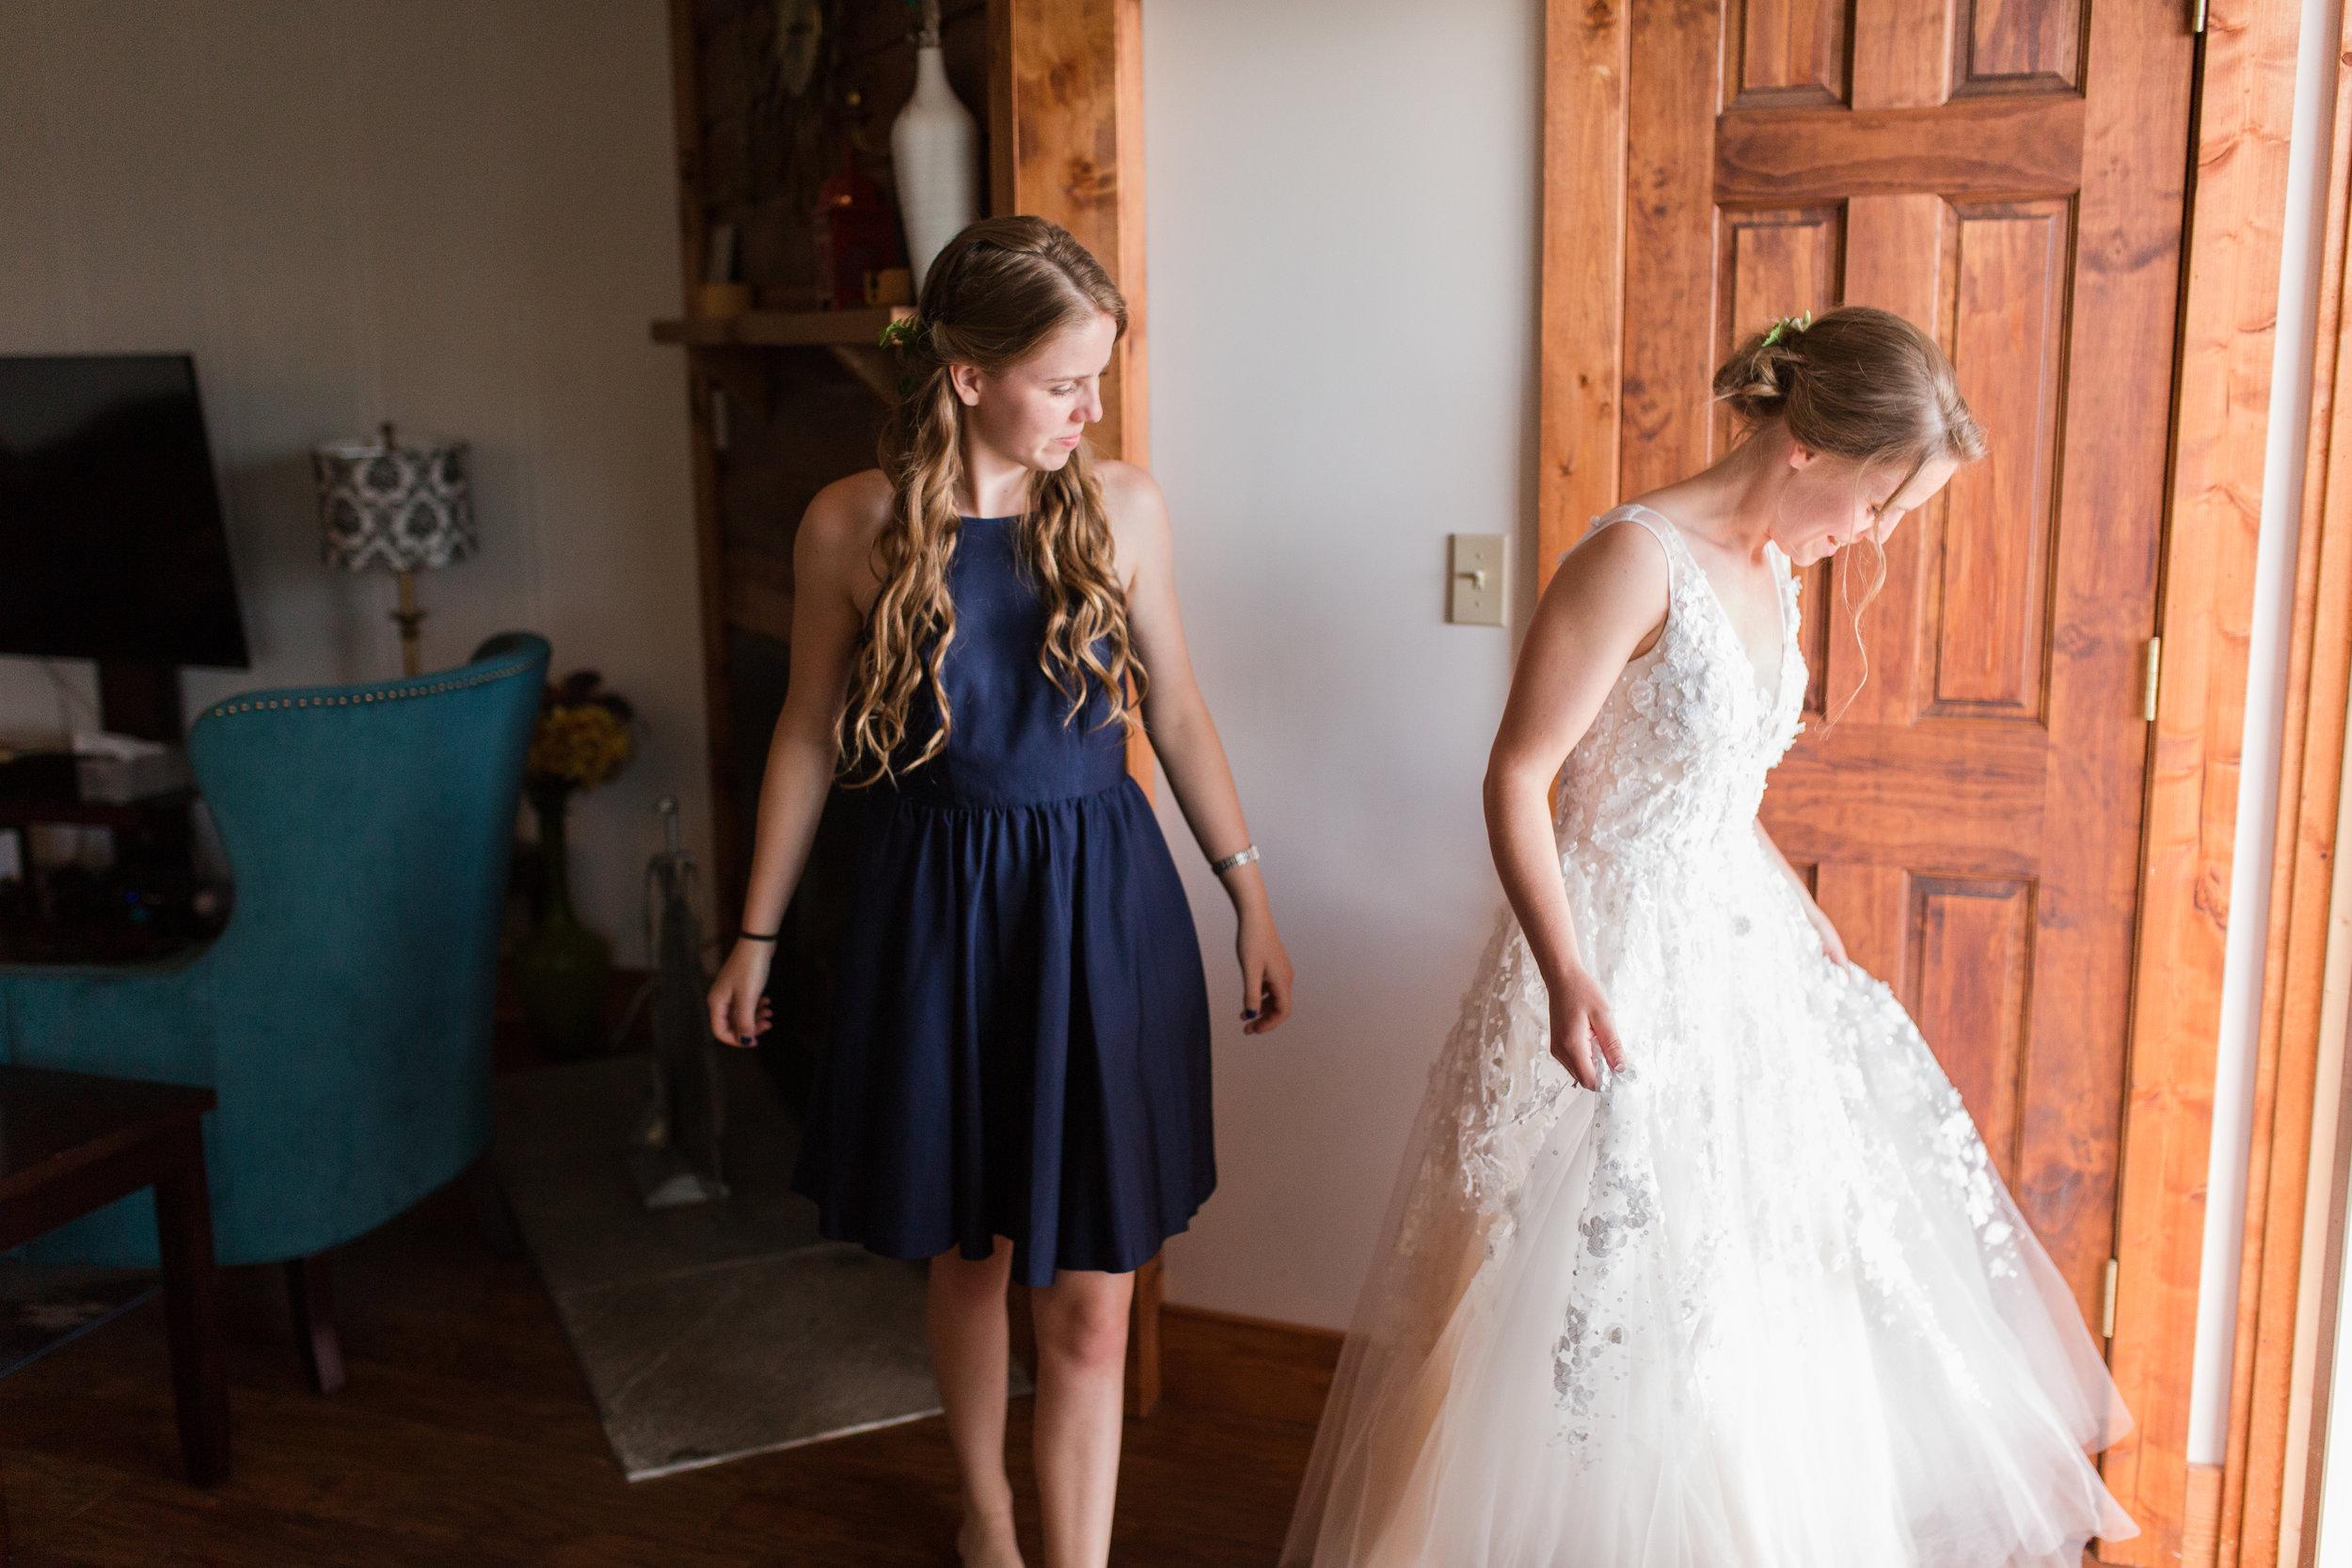 bridal prep time at snowshoe wv